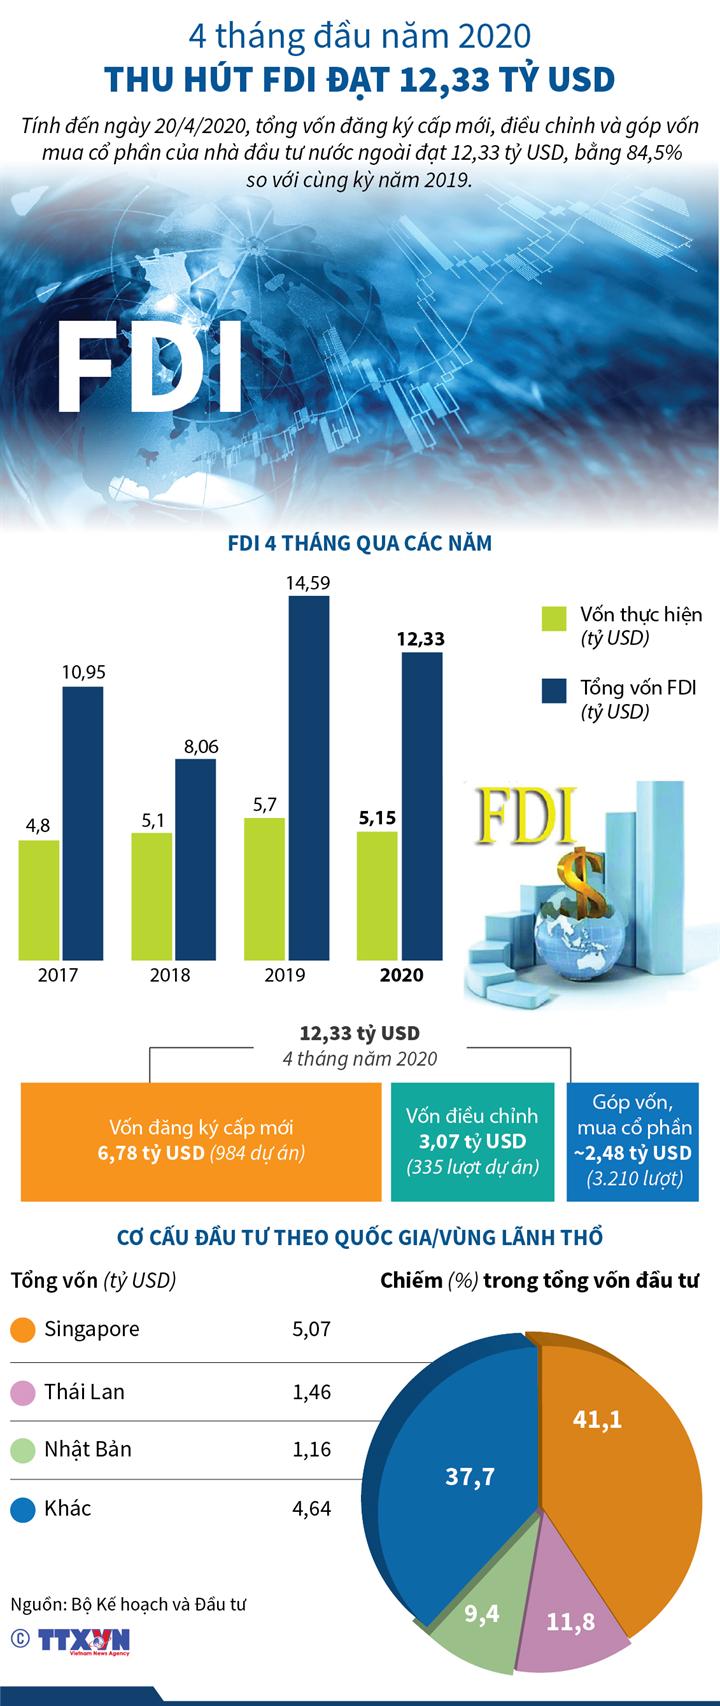 4 tháng đầu năm 2020: Thu hút FDI đạt 12,33 tỷ USD